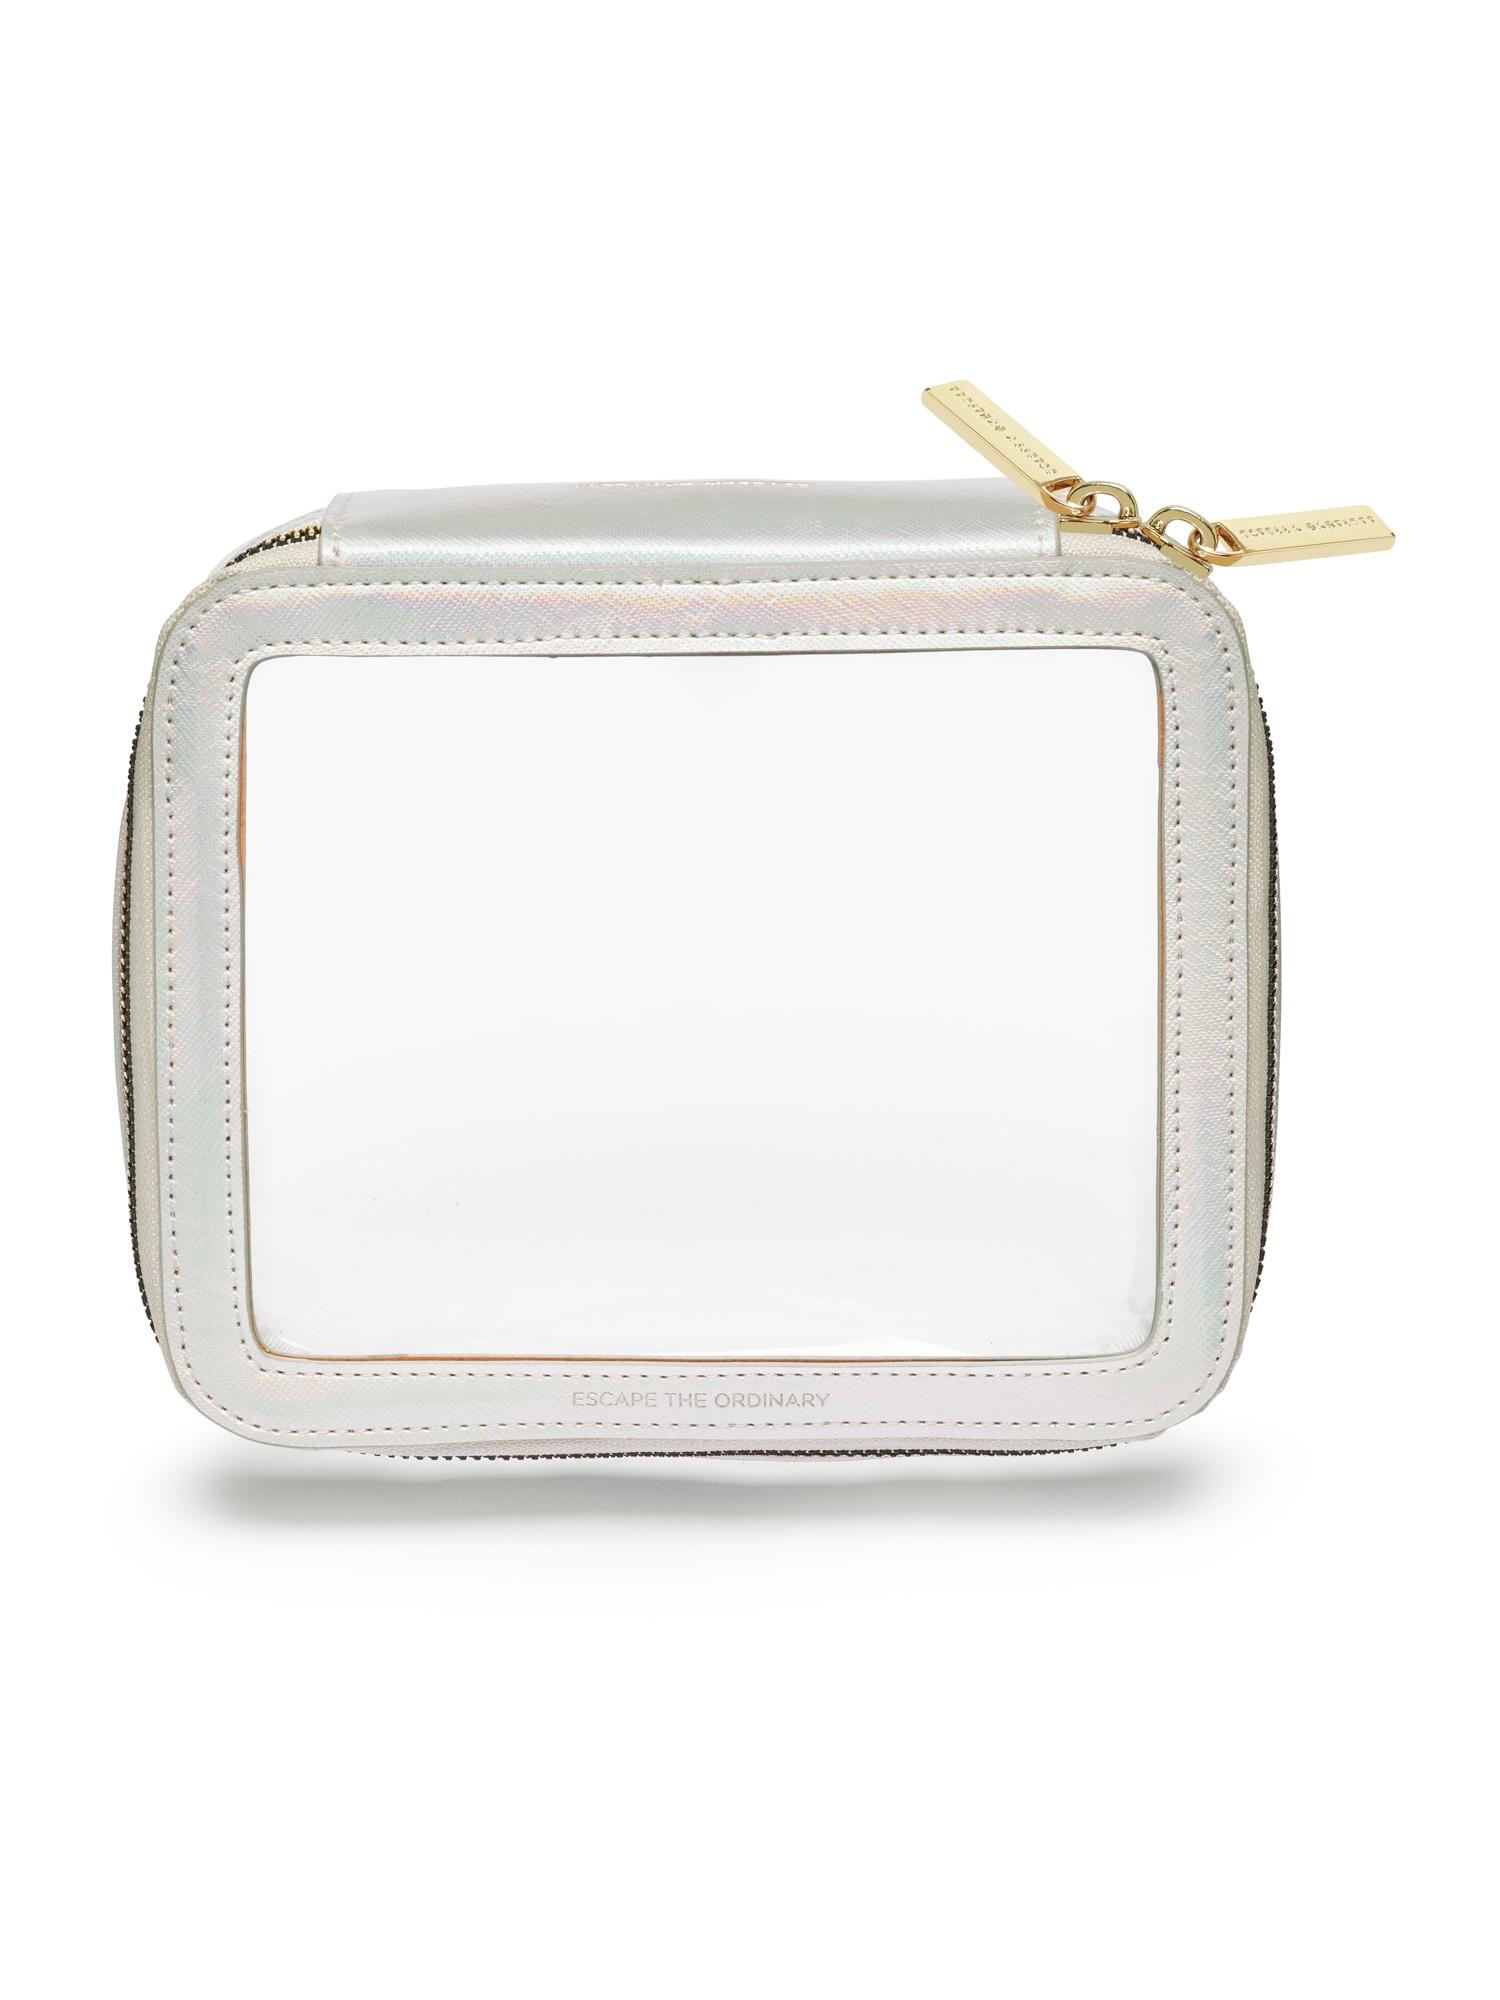 Estella Bartlett Tualeto reikmenų / kosmetikos krepšys skaidri spalva / balta